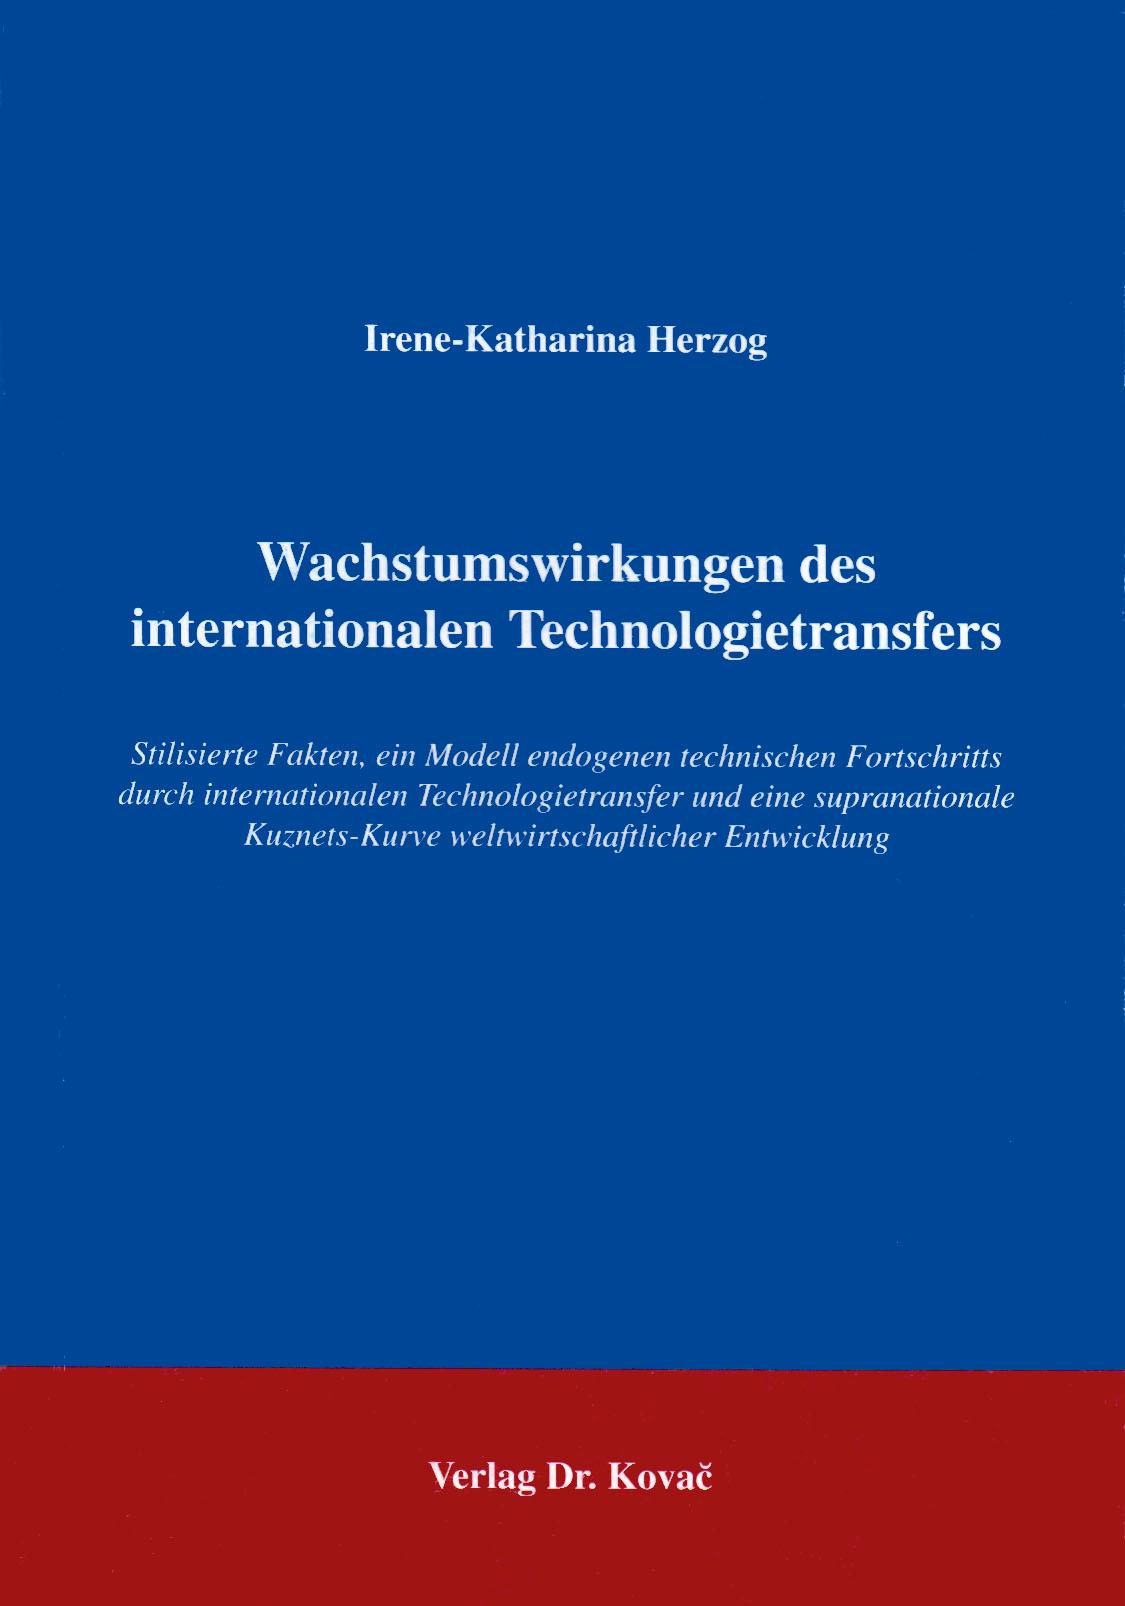 Cover: Zu den Wachstumswirkungen des internationalen Technologietransfers